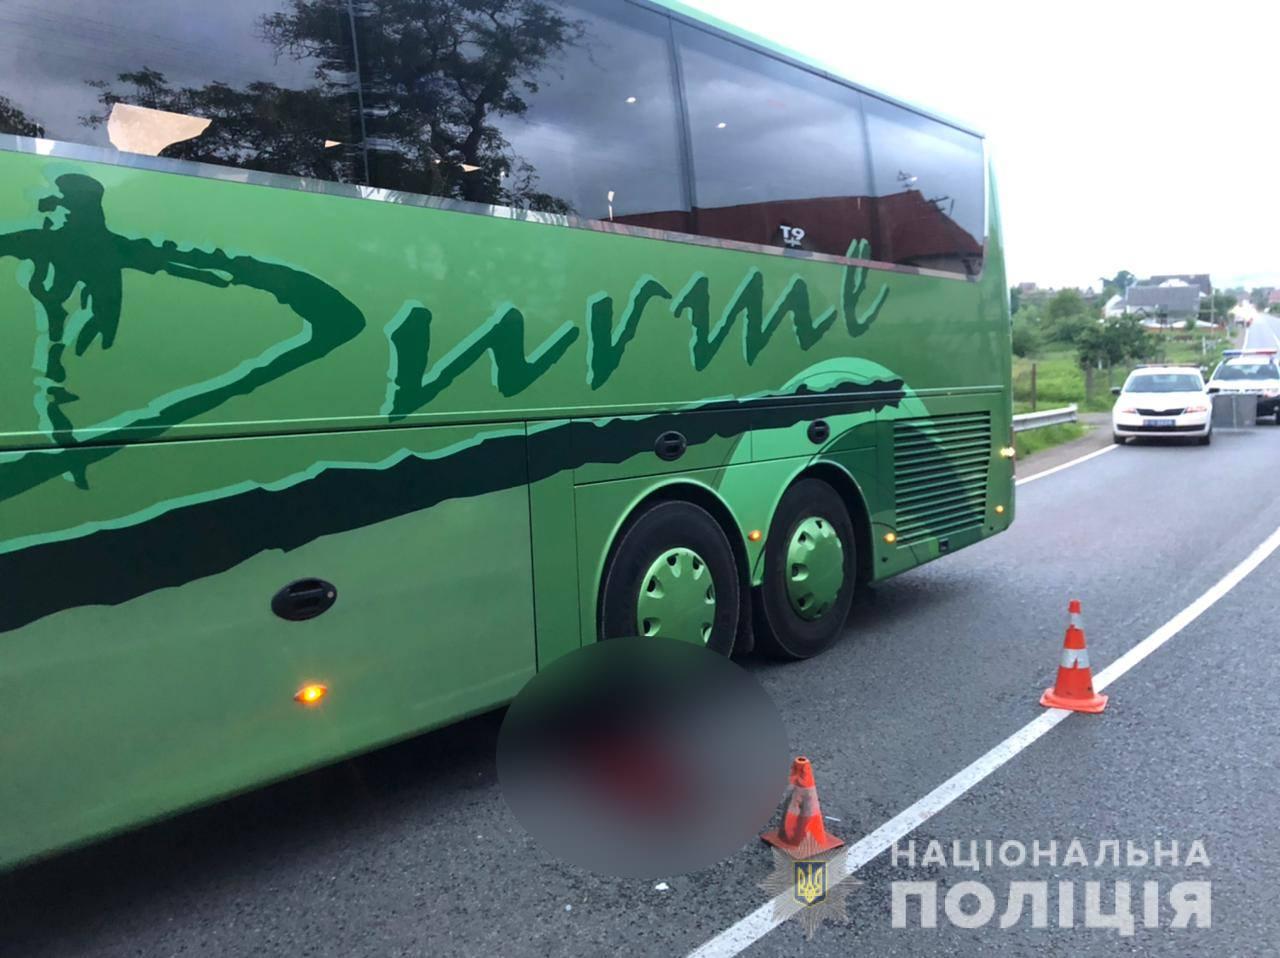 Поліцейські Берегівщини розслідують смертельну ДТП за участі рейсового автобуса .